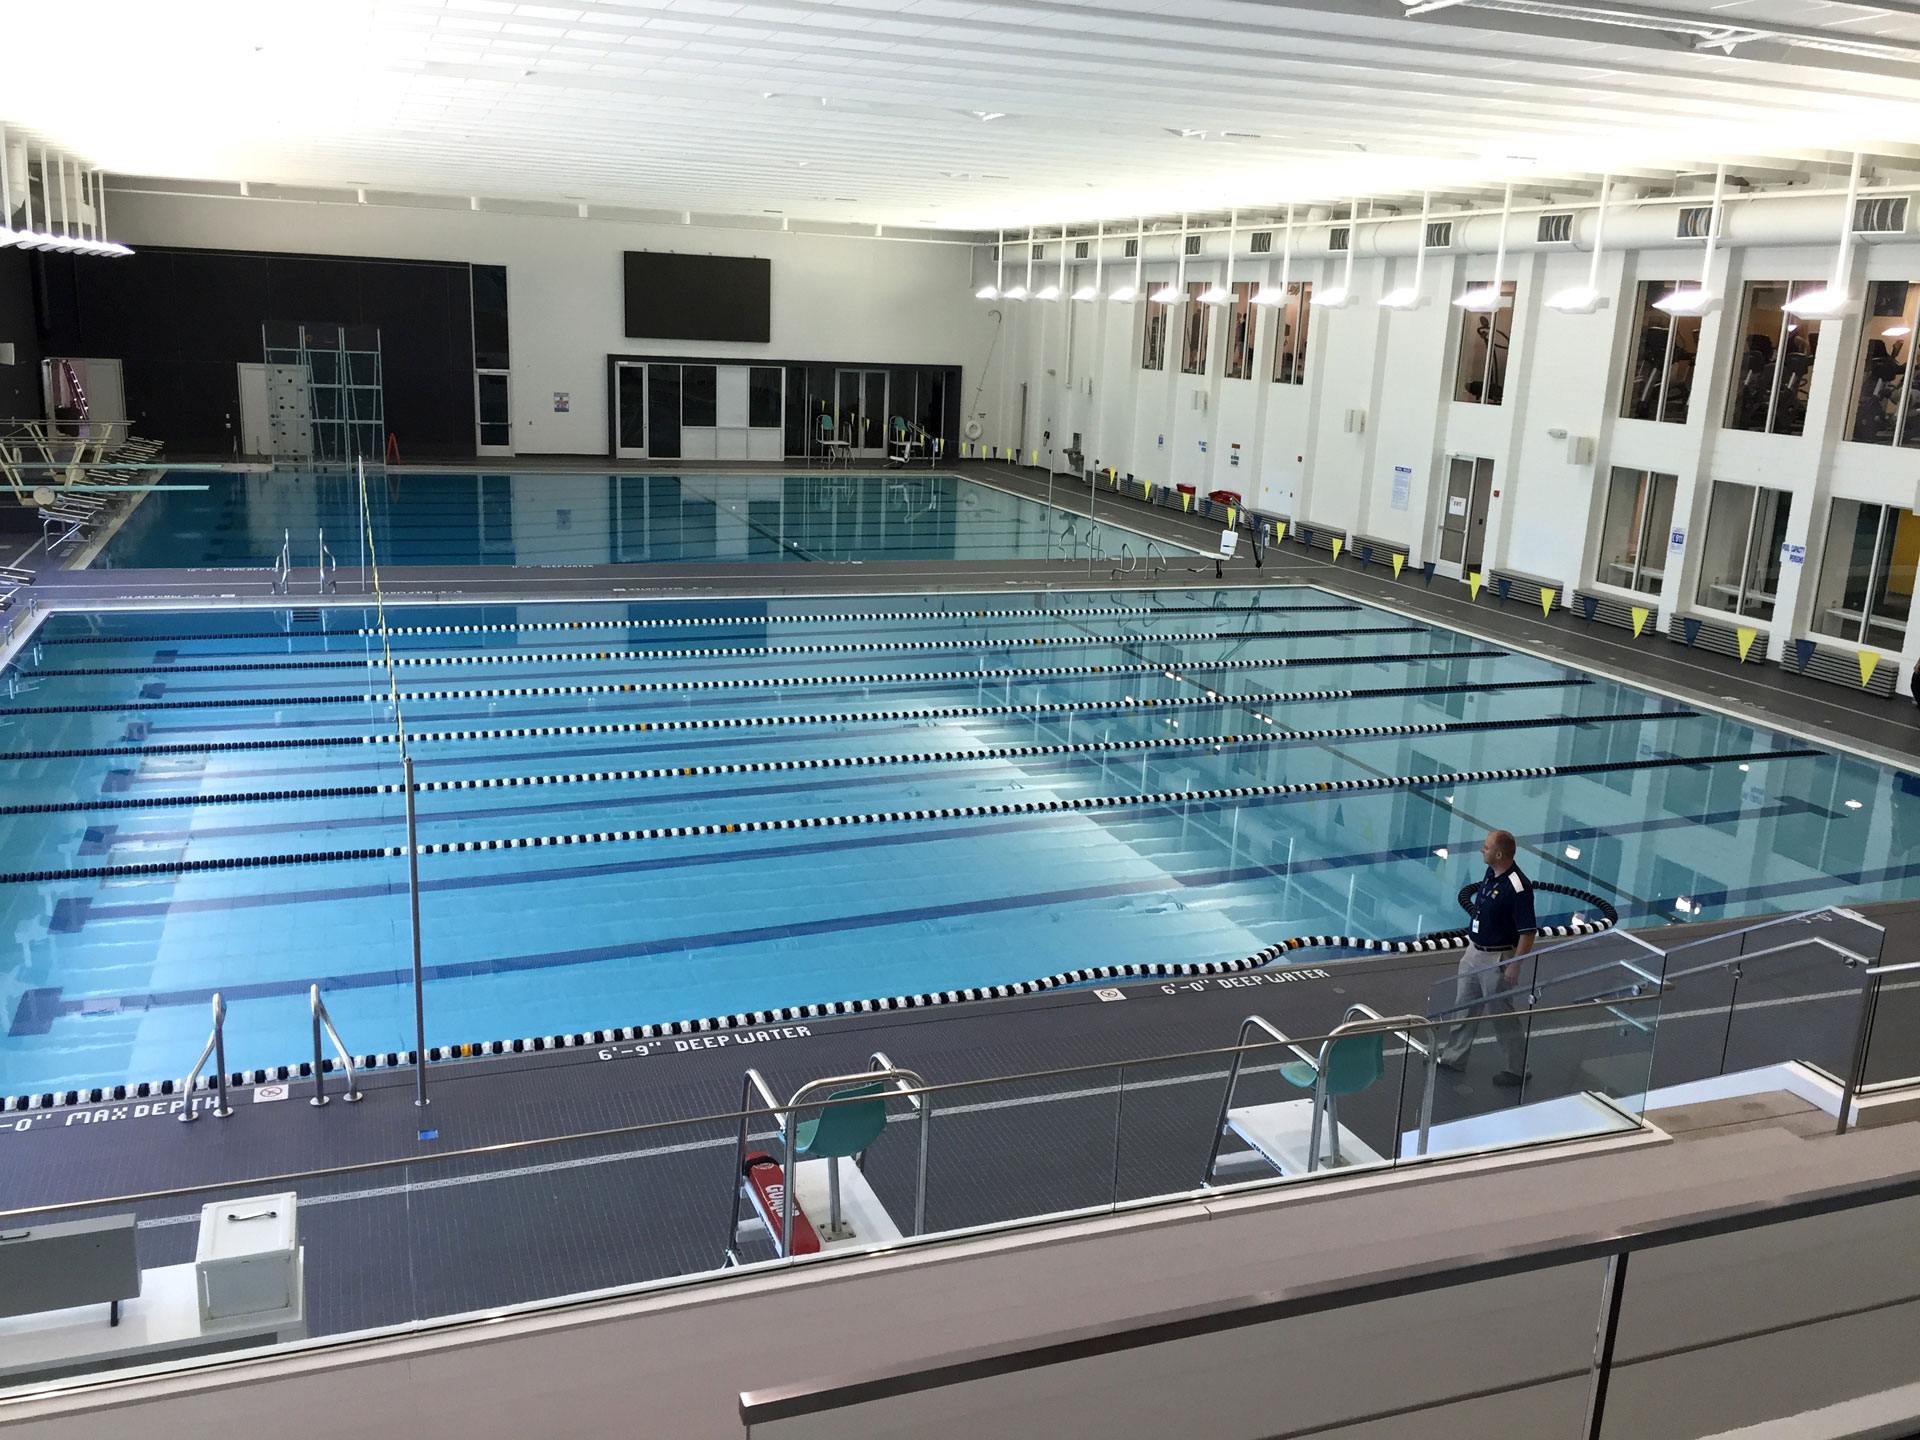 Eden Prairie Community Center Aquatic Center